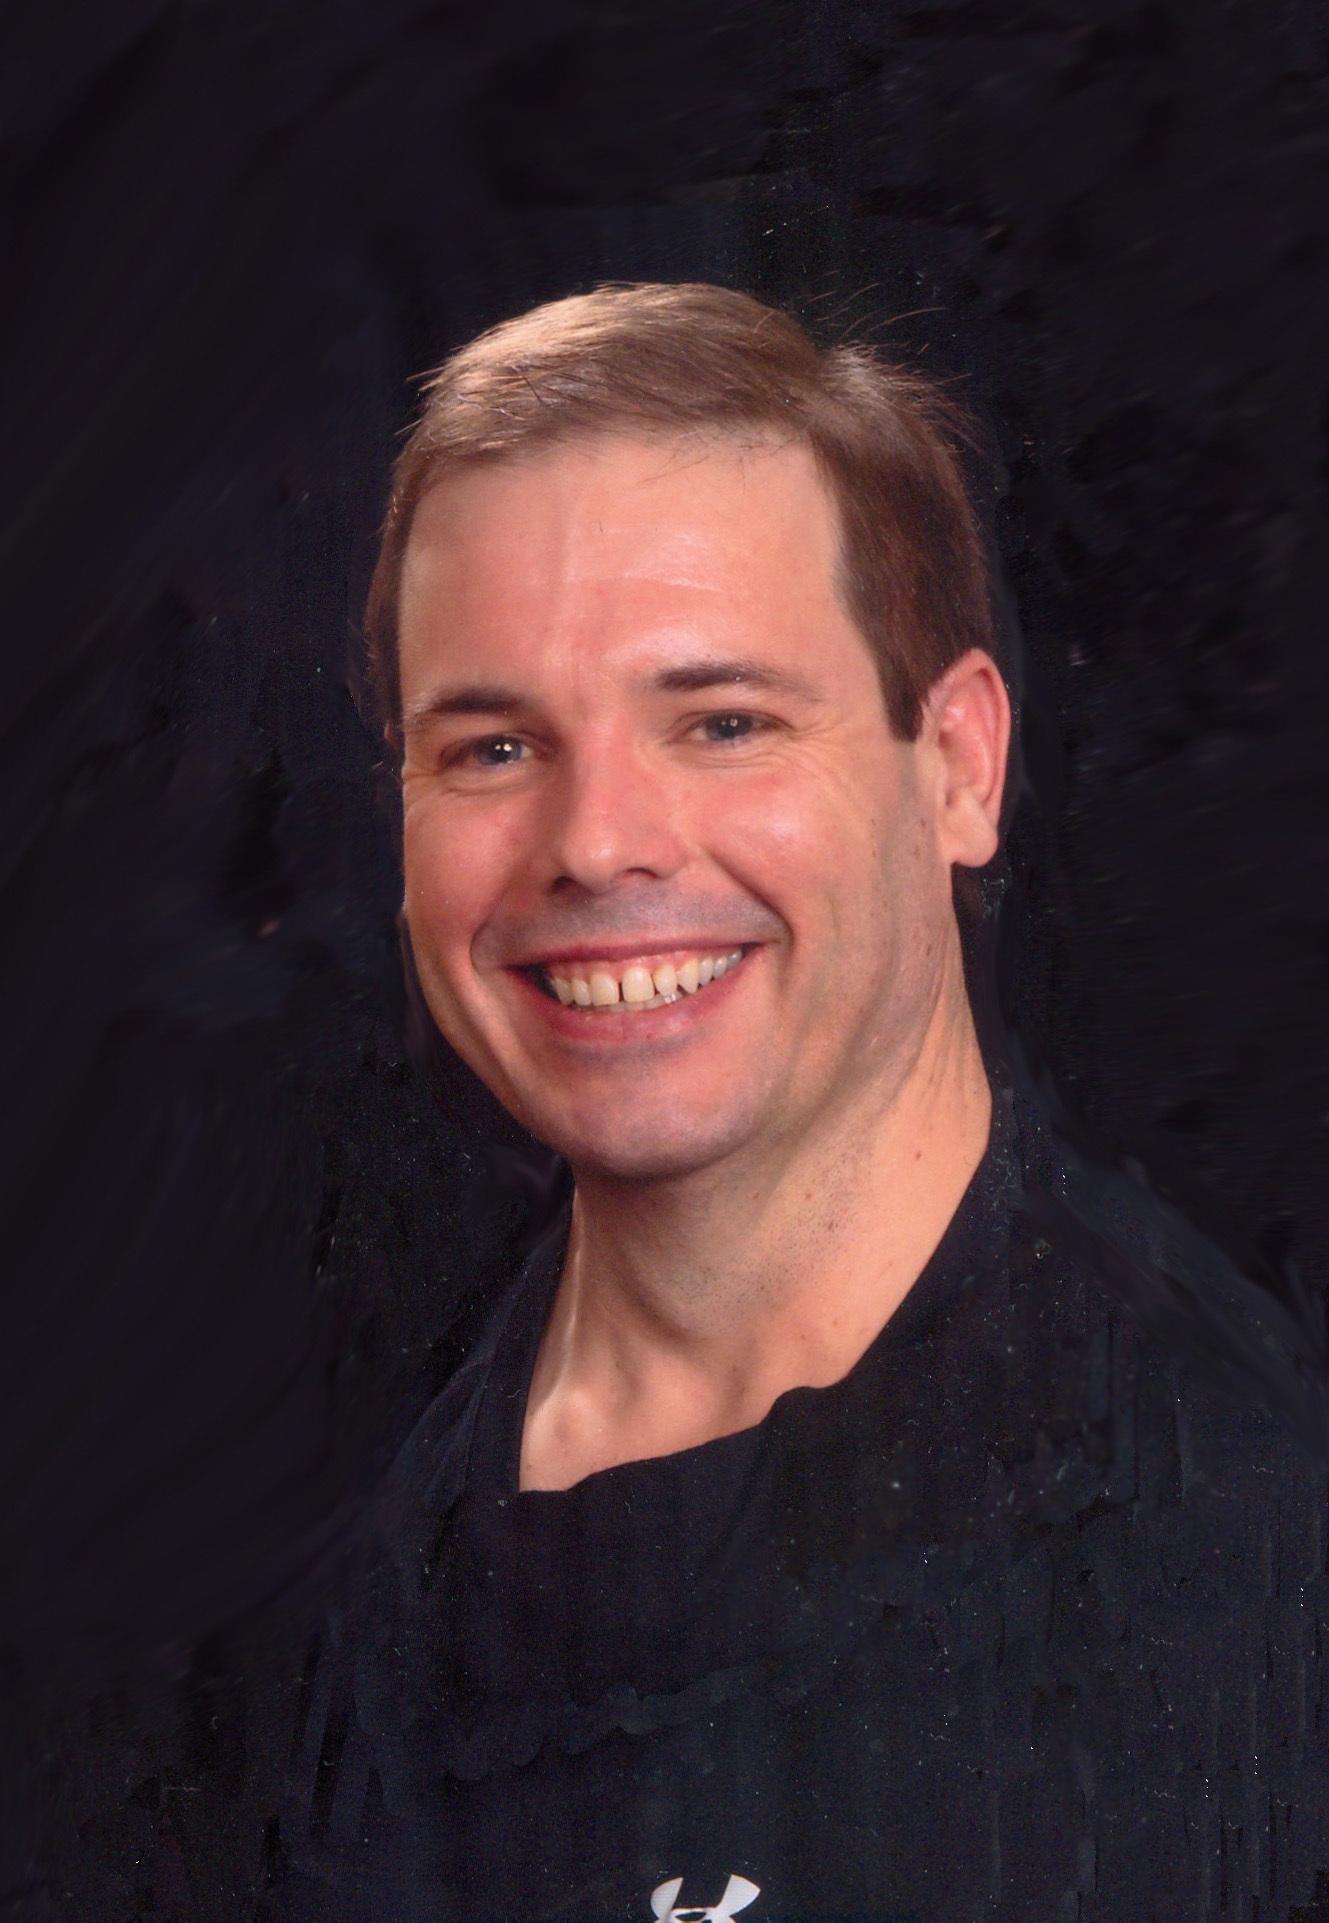 Rick J. Loerzel